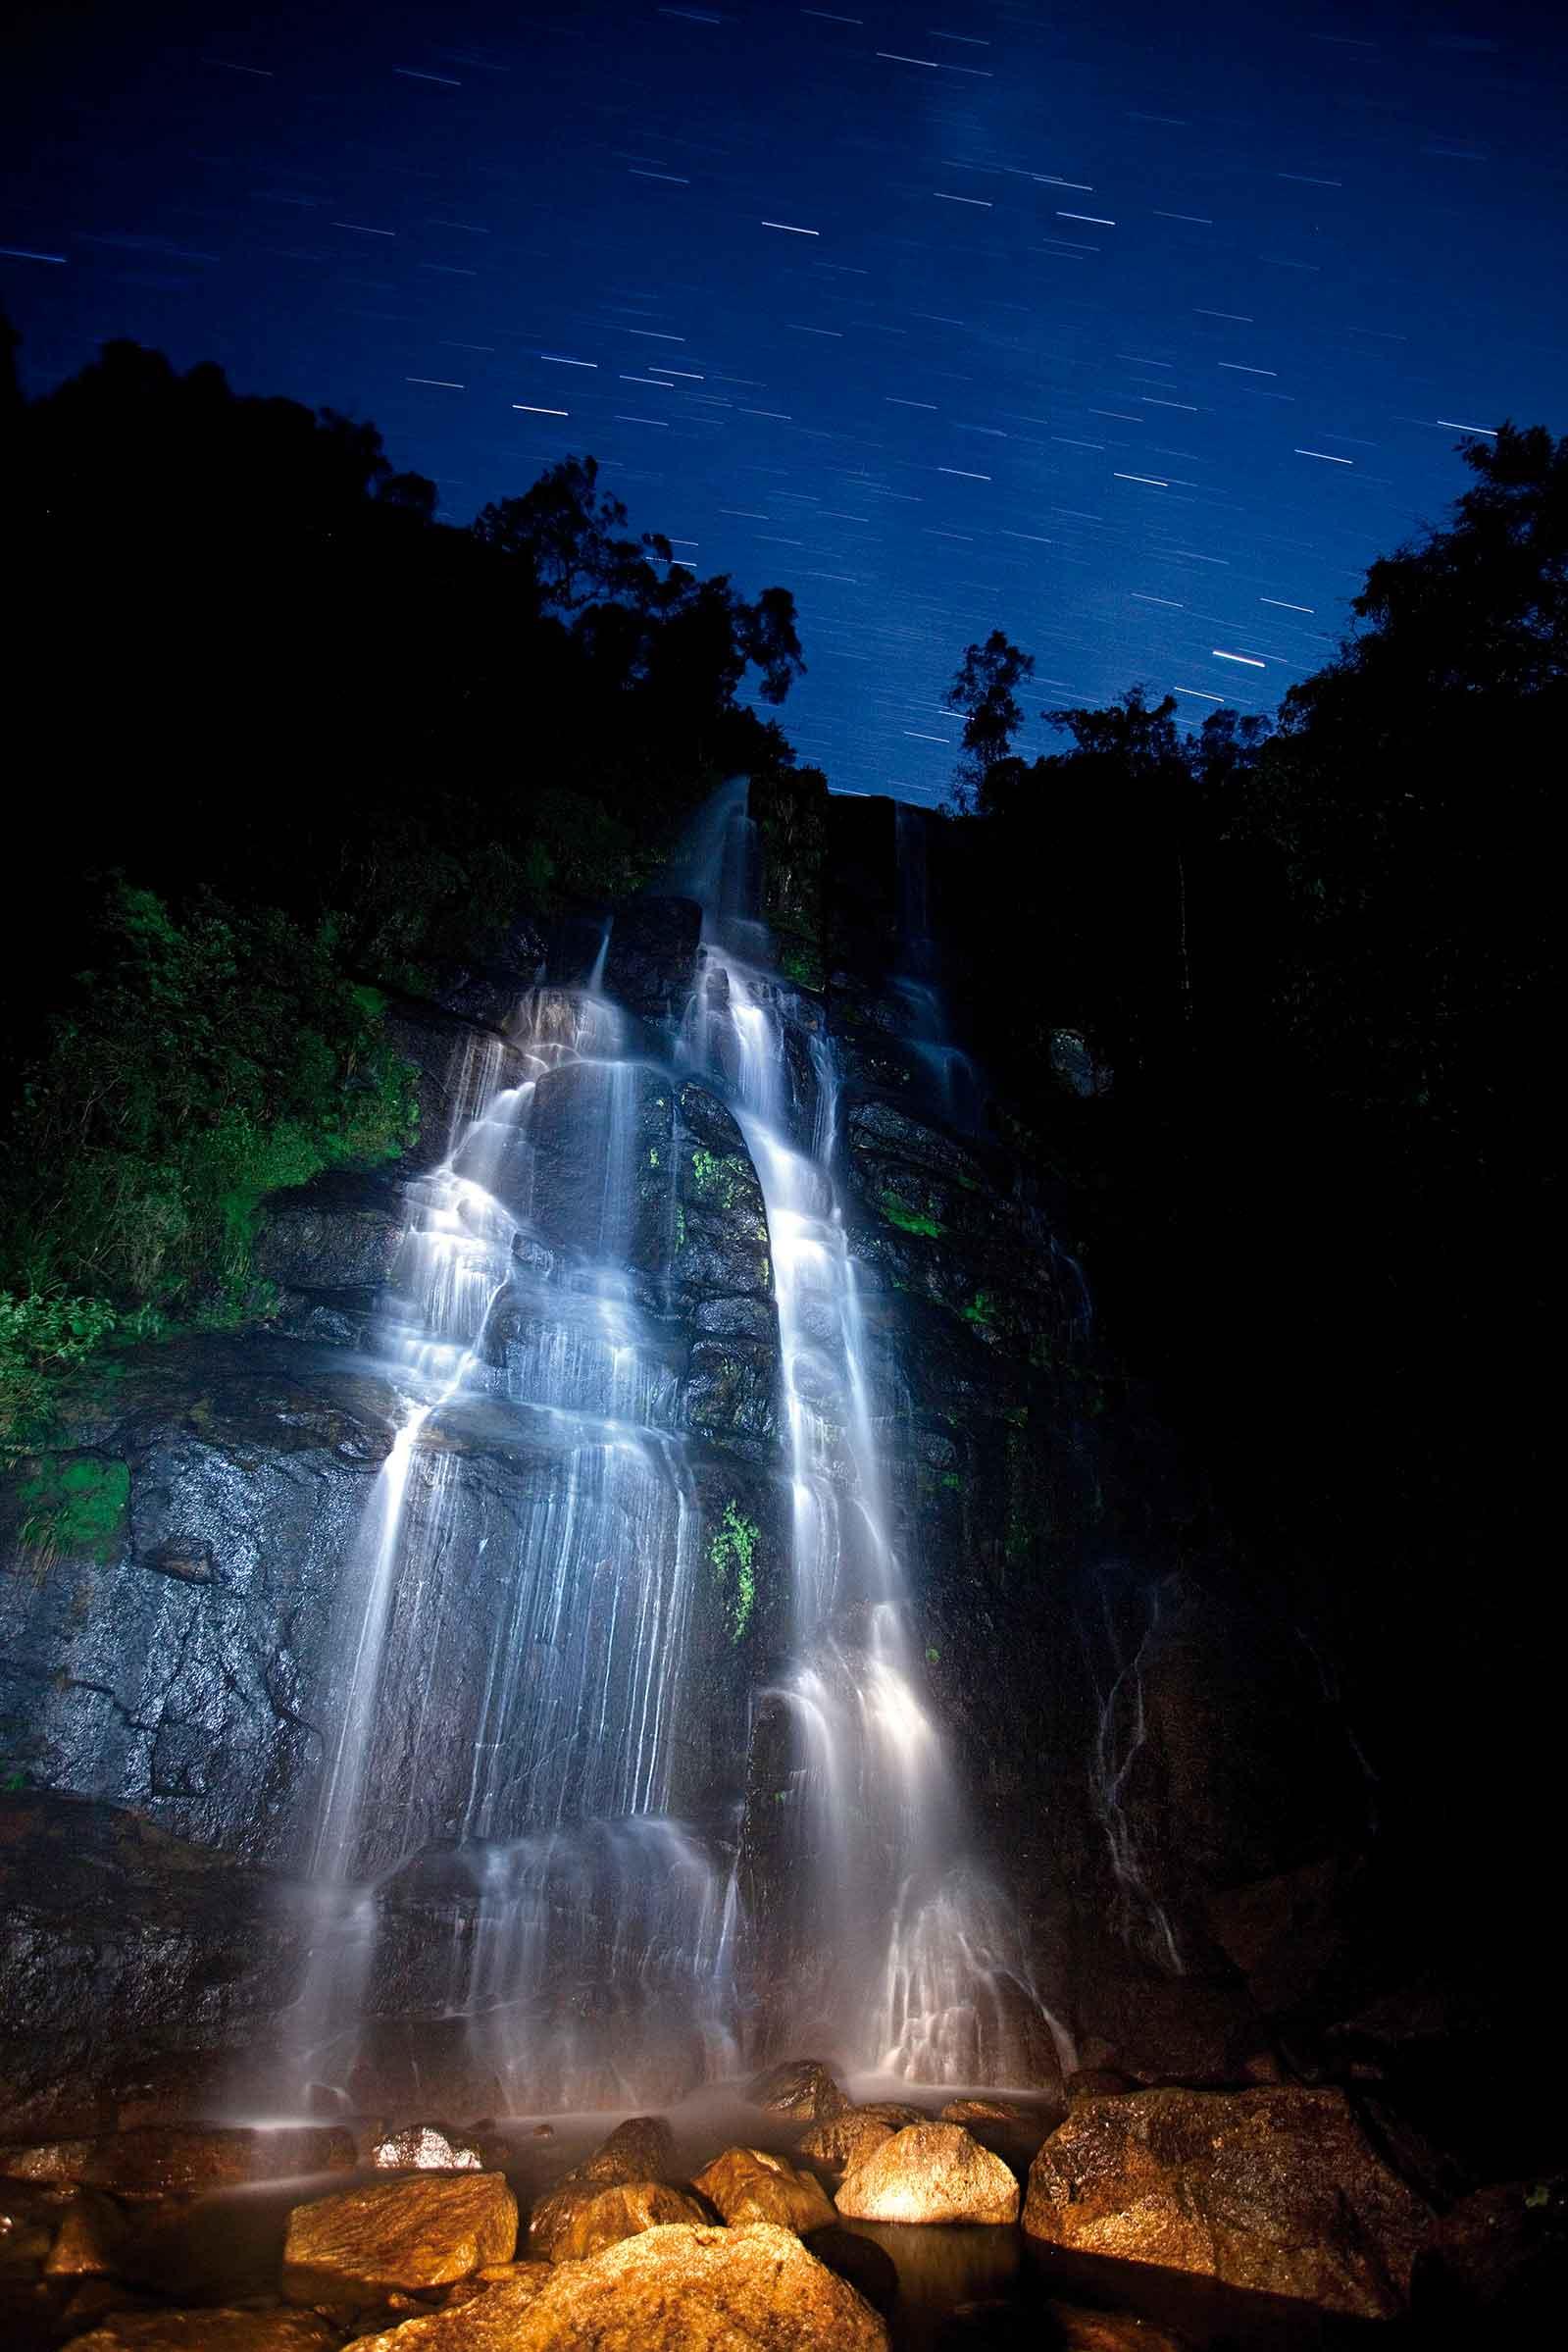 Itatiaia-Parque-Nacional-Meio-Ambiente-cachoeira-ricardo-martins-bx